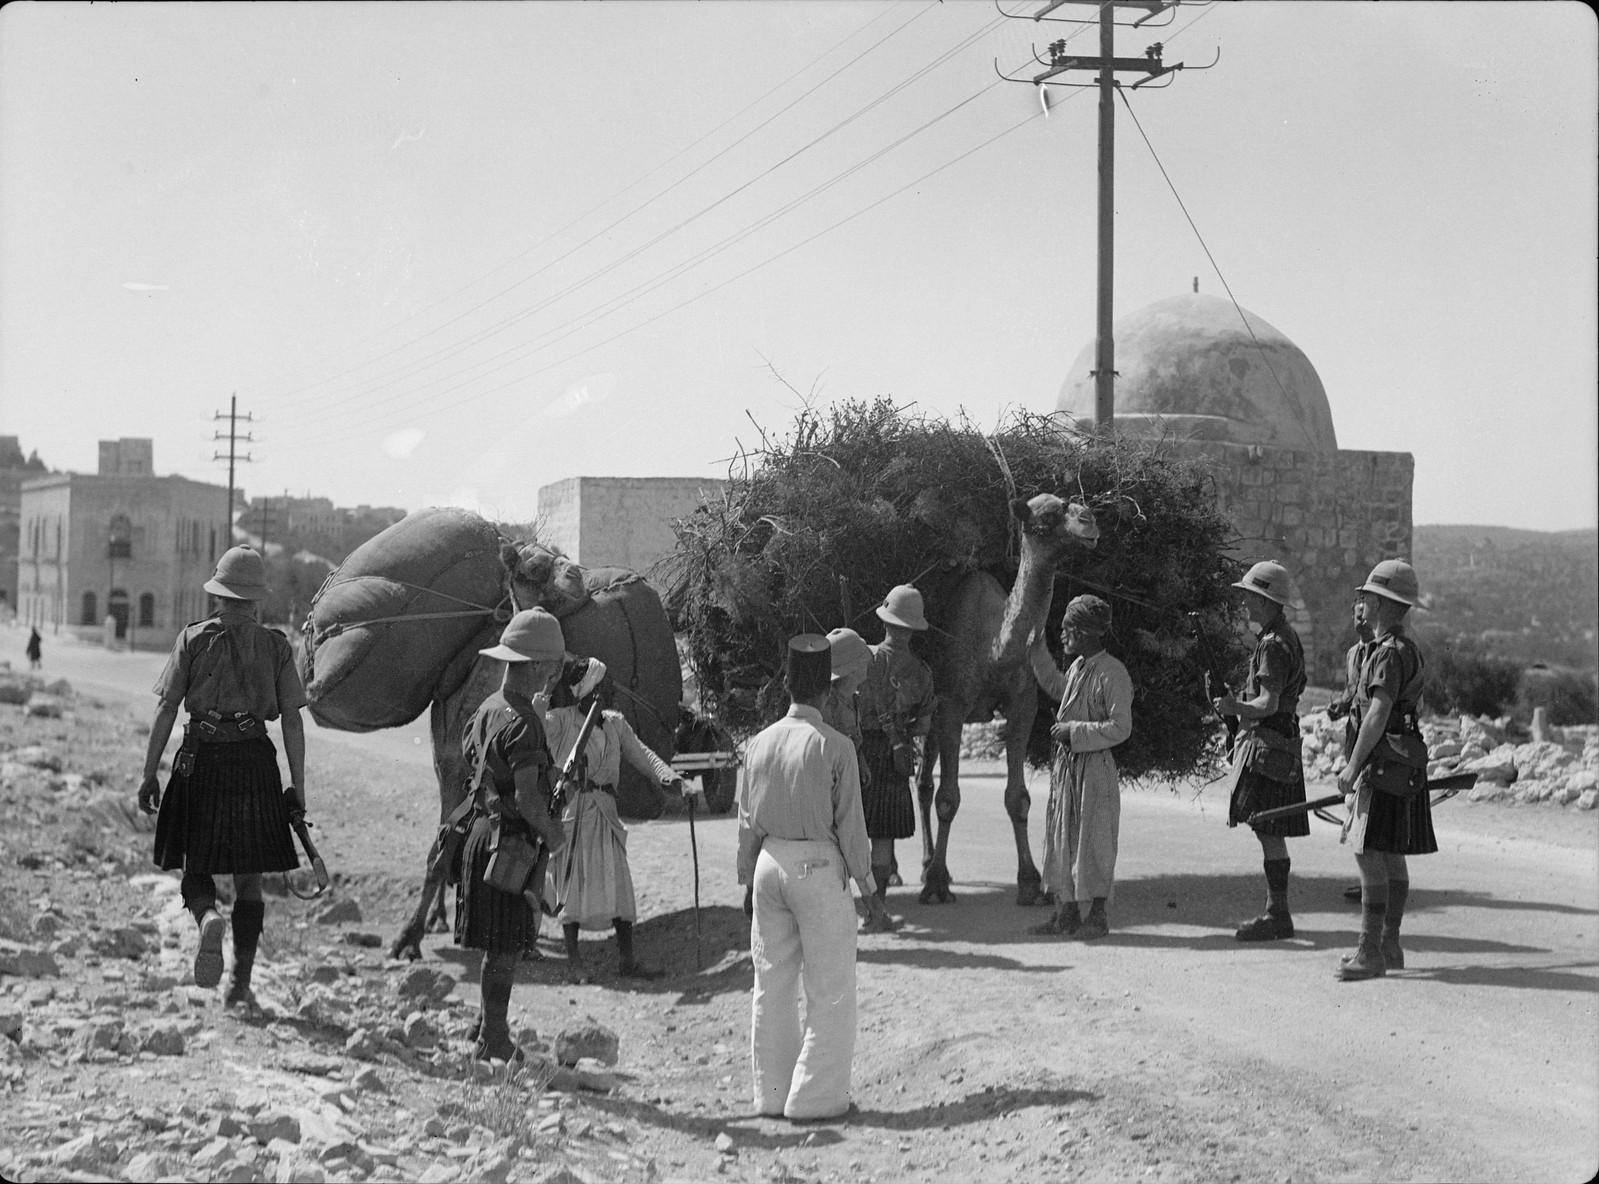 20. Шотландские солдаты останавливают арабов с верблюдами в поисках оружия у Гробницы Проматери Рахели на Вифлеемской дороге